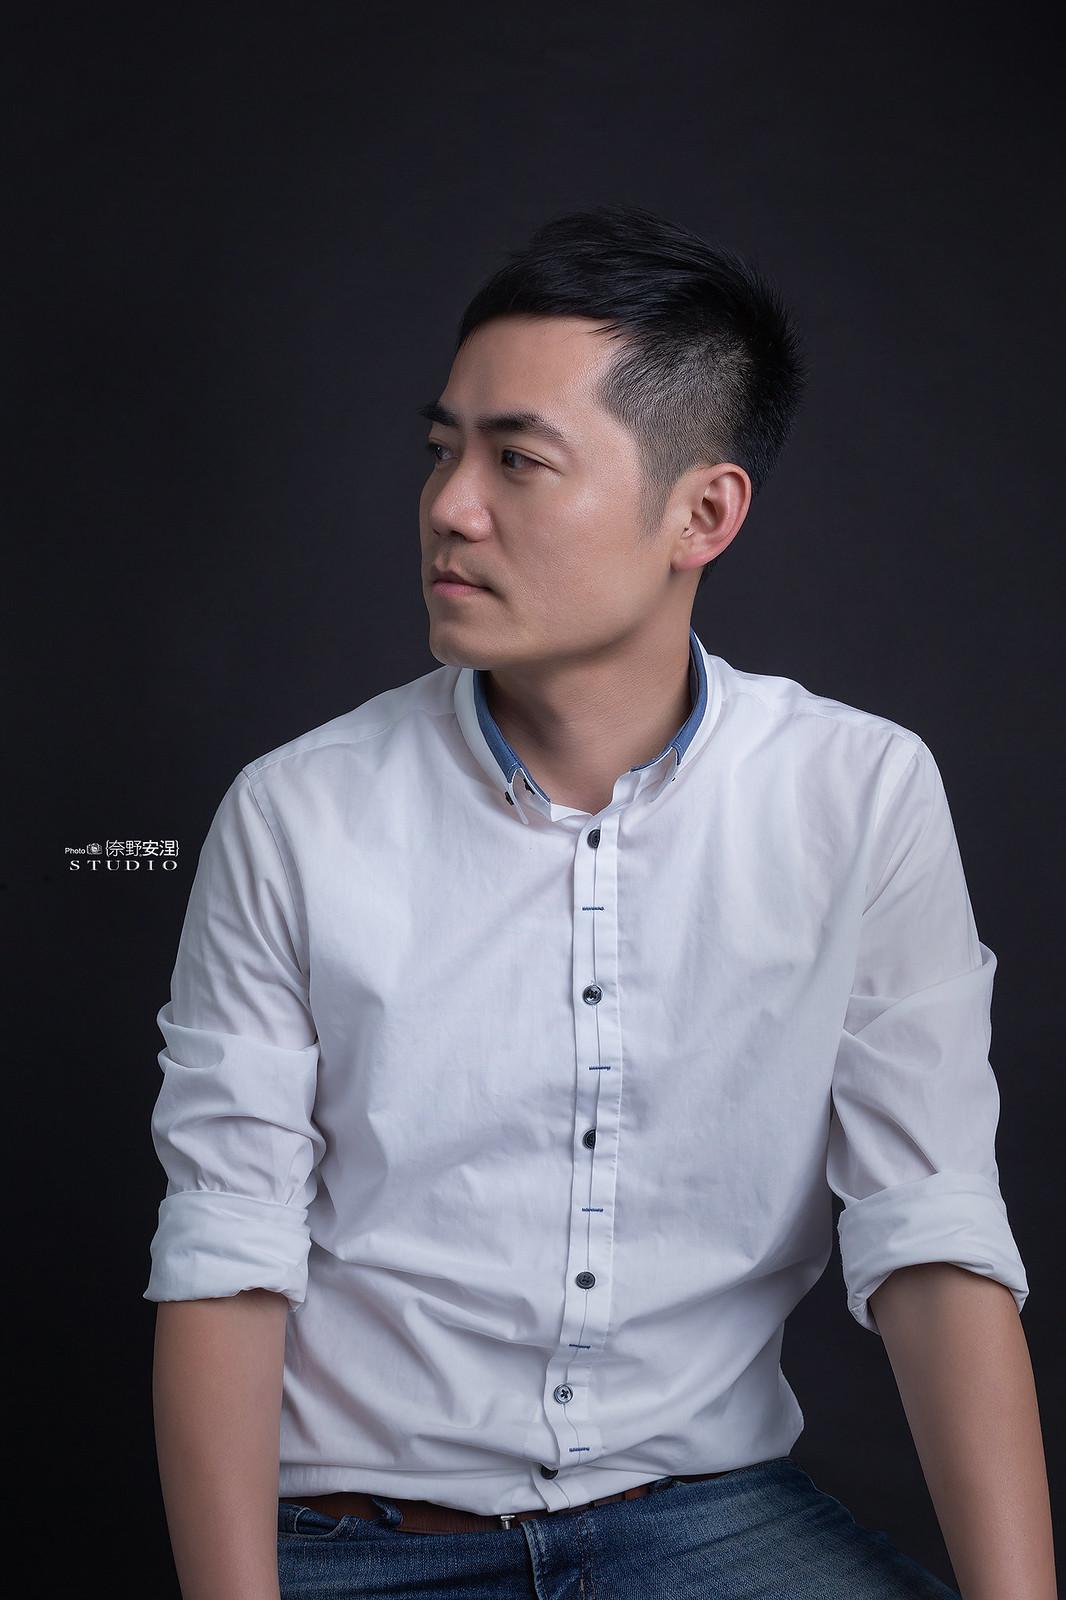 南部髮品金牌型男業務-昇澤髮品 |攝影白棚1-2